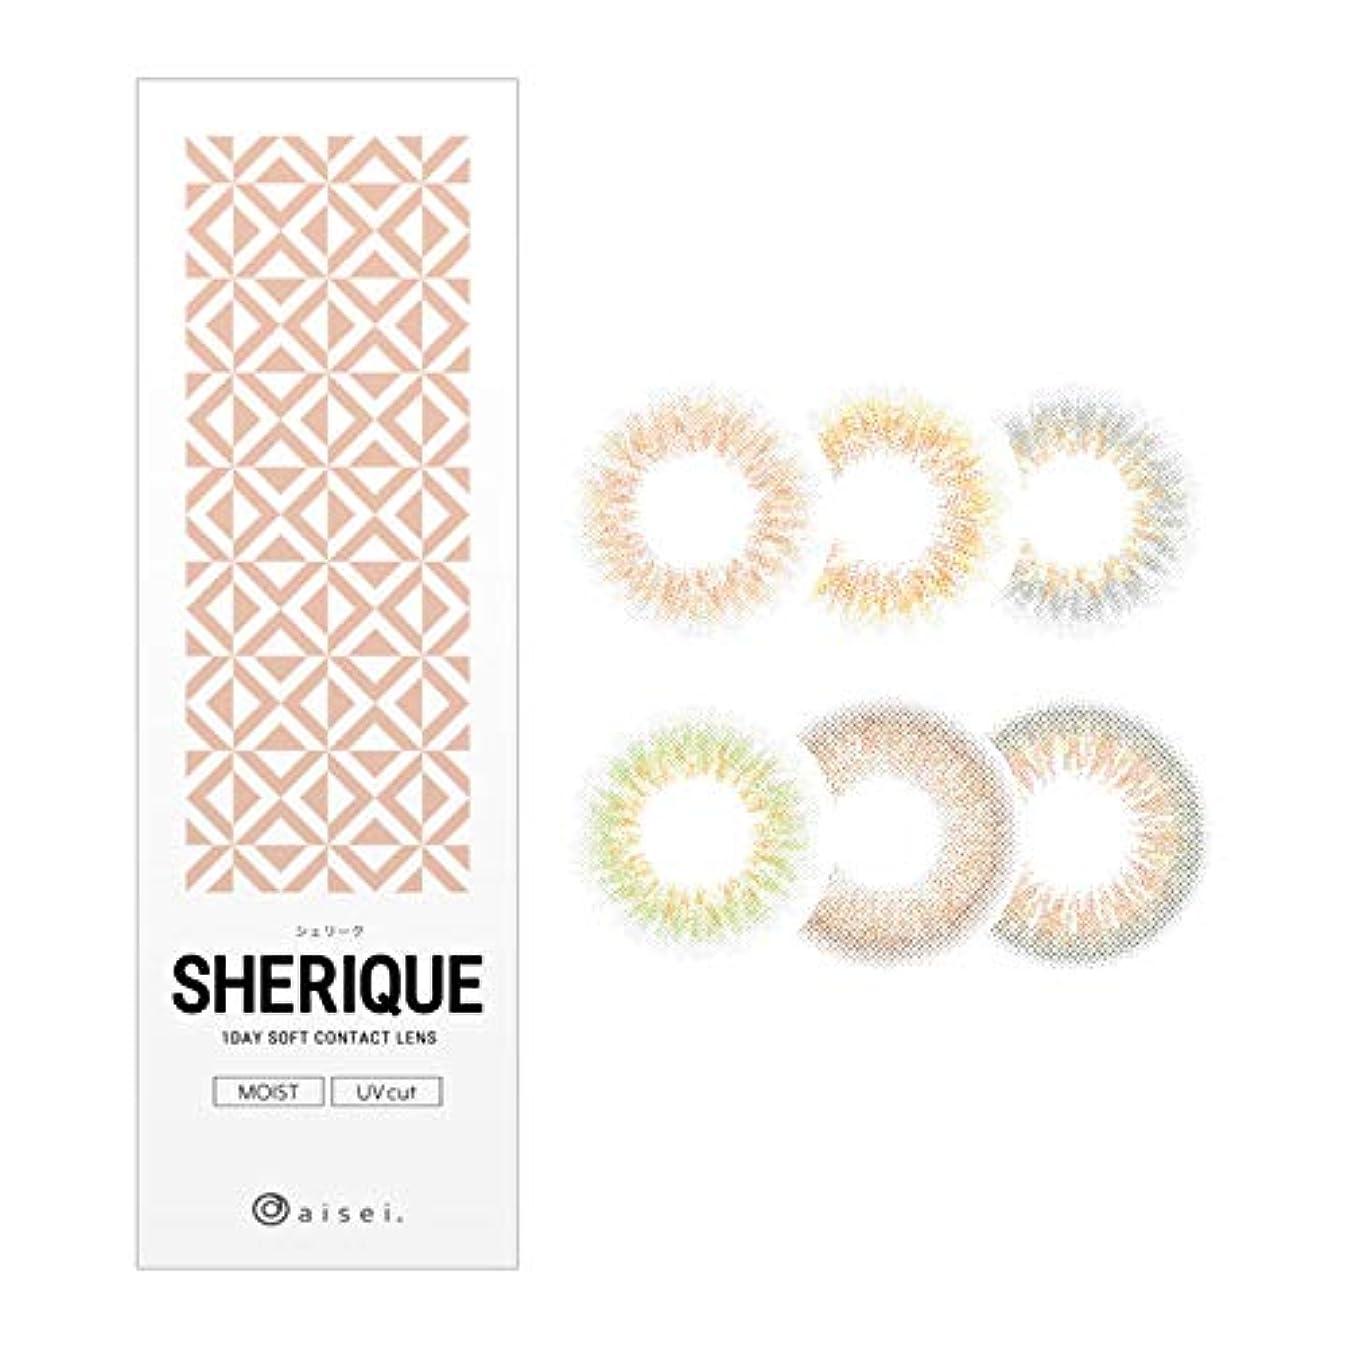 禁止する引き出す引退するカラコン シェリーク ワンデー SHERIQUE 1箱10枚 2箱セット 1日使い捨て UV加工 Moist (グレーコントゥア -4.75)